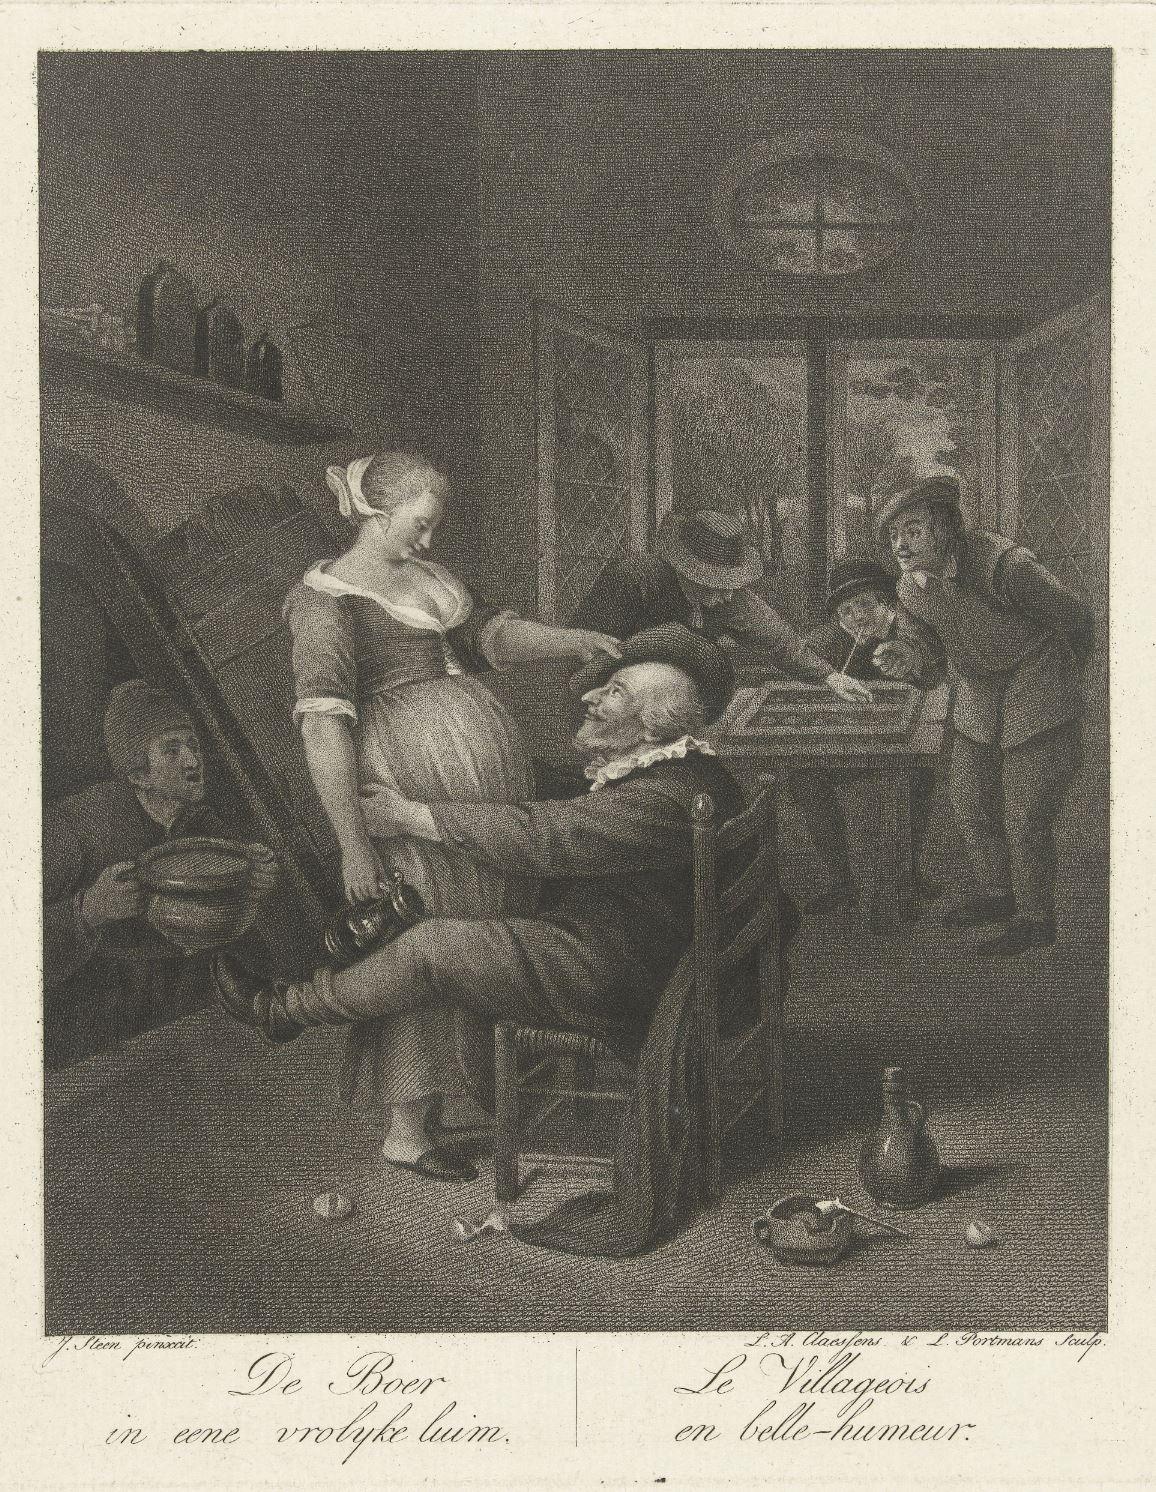 Steen 1660-78 Le villageaois en belle humeur gravure de Claessens